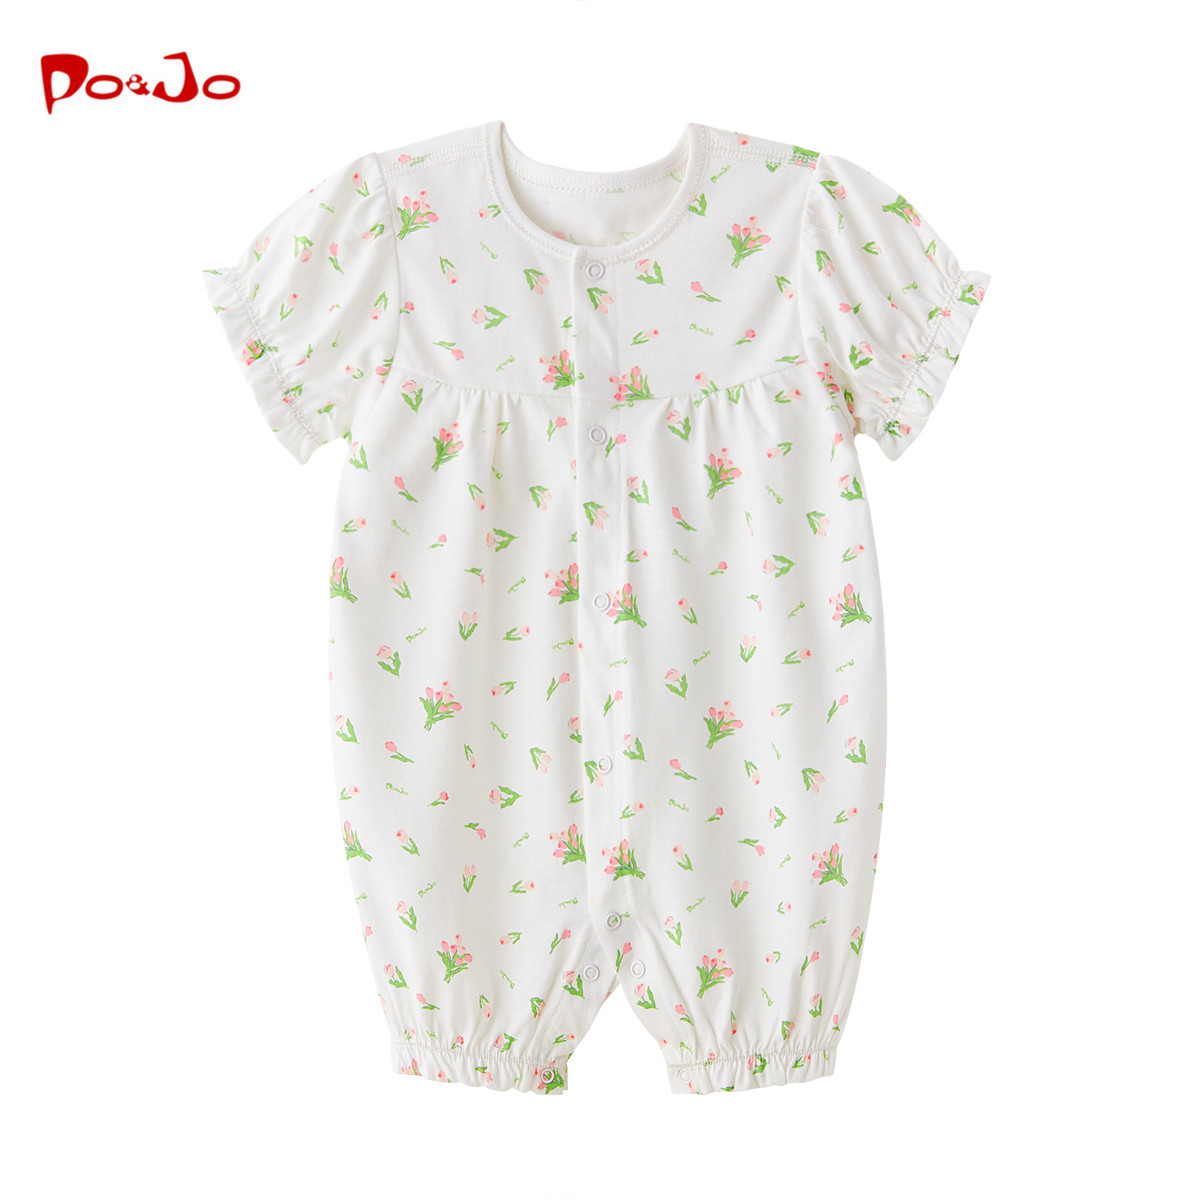 哈衣爬爬服连体衣服宝宝皮偌乔夏季夏装短袖新生儿纯棉婴儿